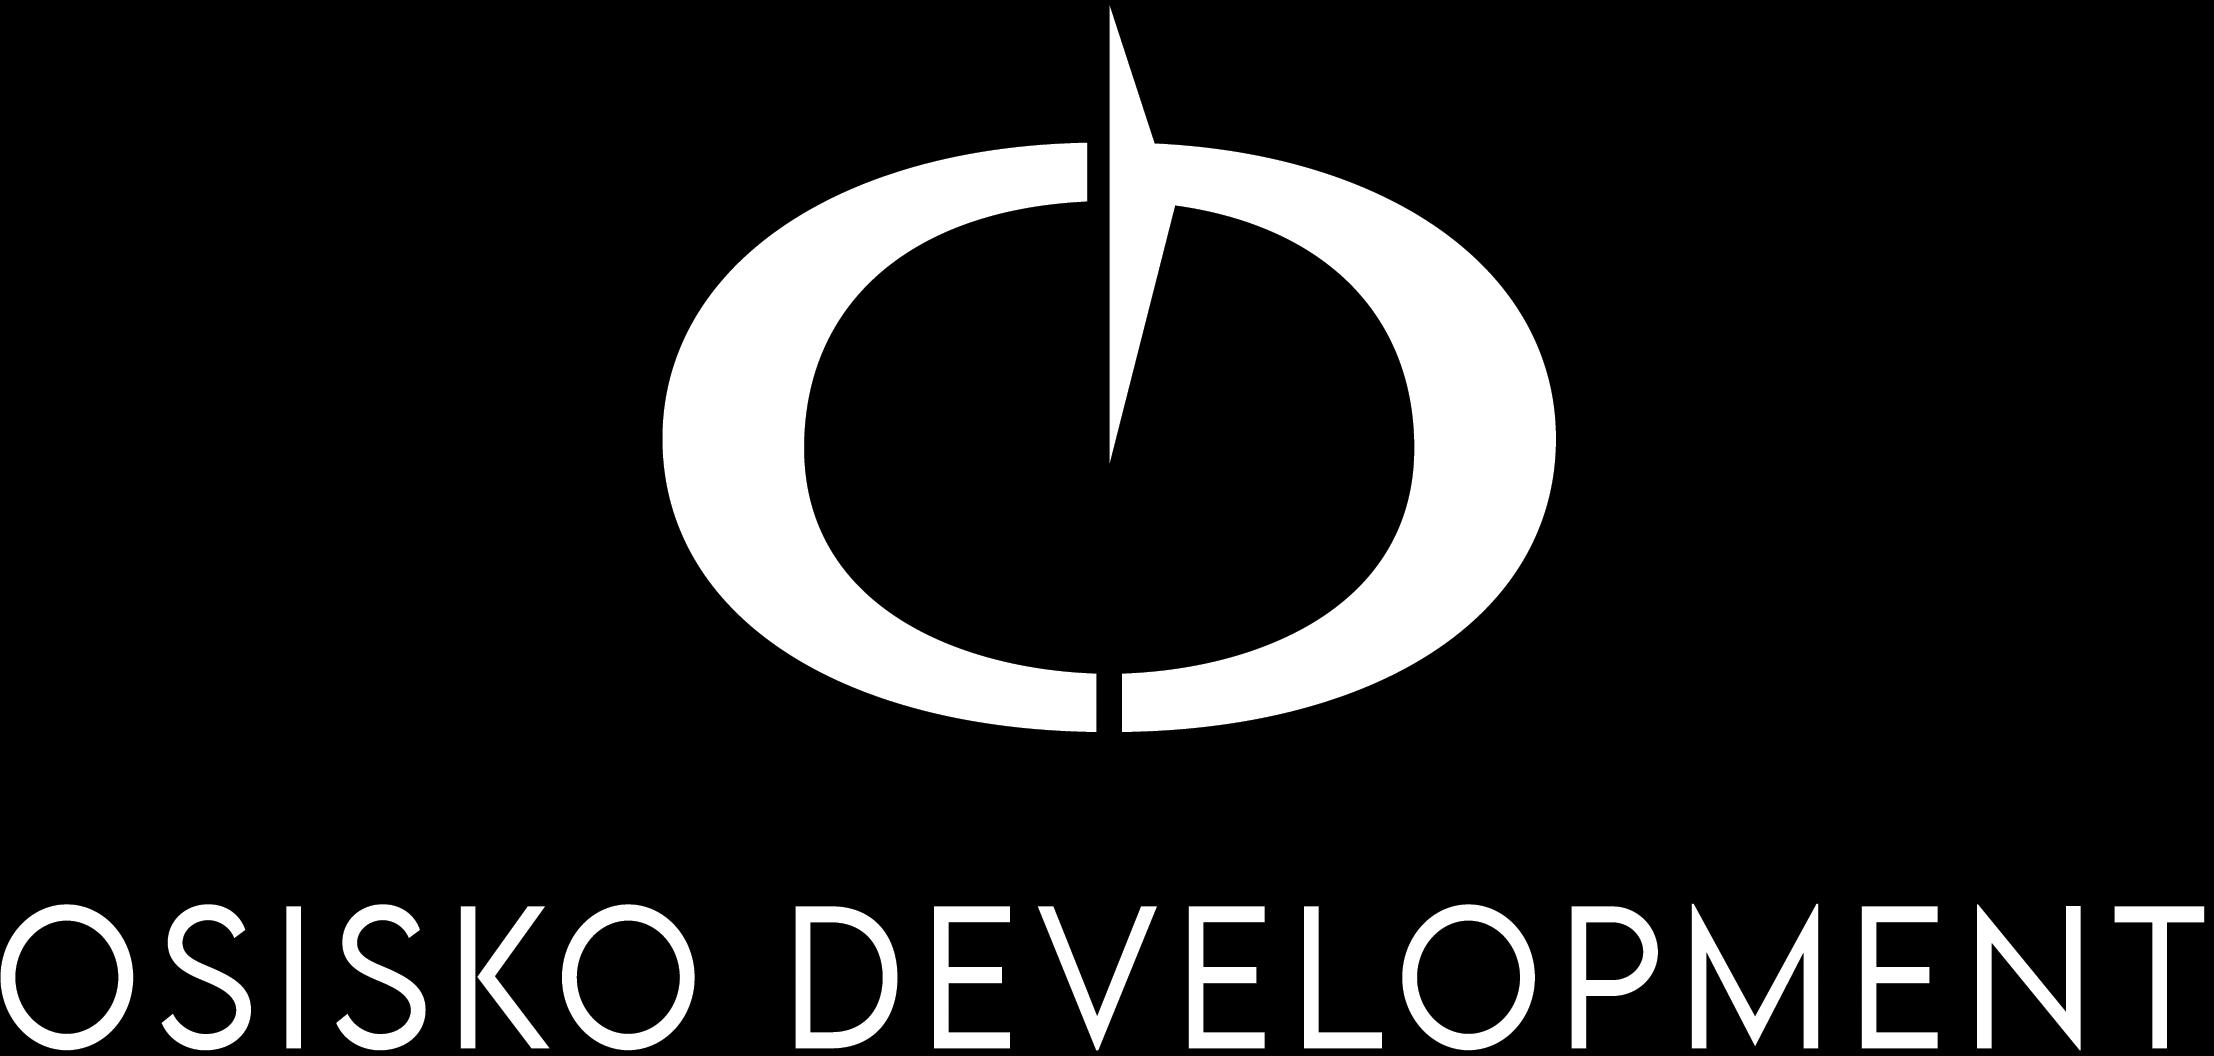 Osisko Development